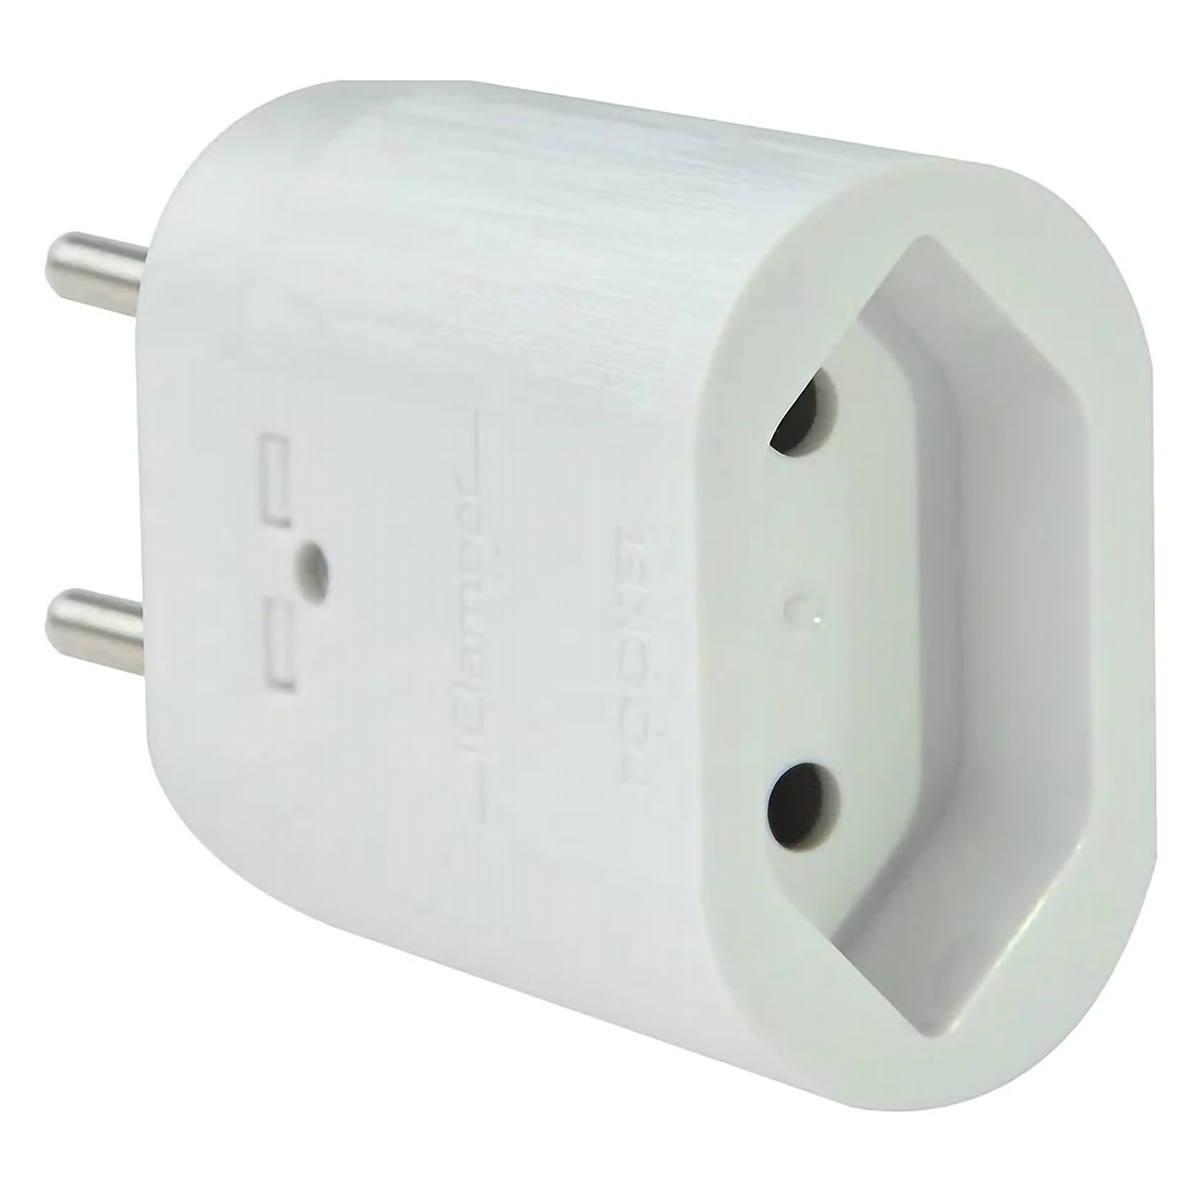 DPS iClamper Pocket 2 Pinos 10A Proteção contra Surtos Elétricos em Ambientes Sem Aterramento Clamper Portátil Branco